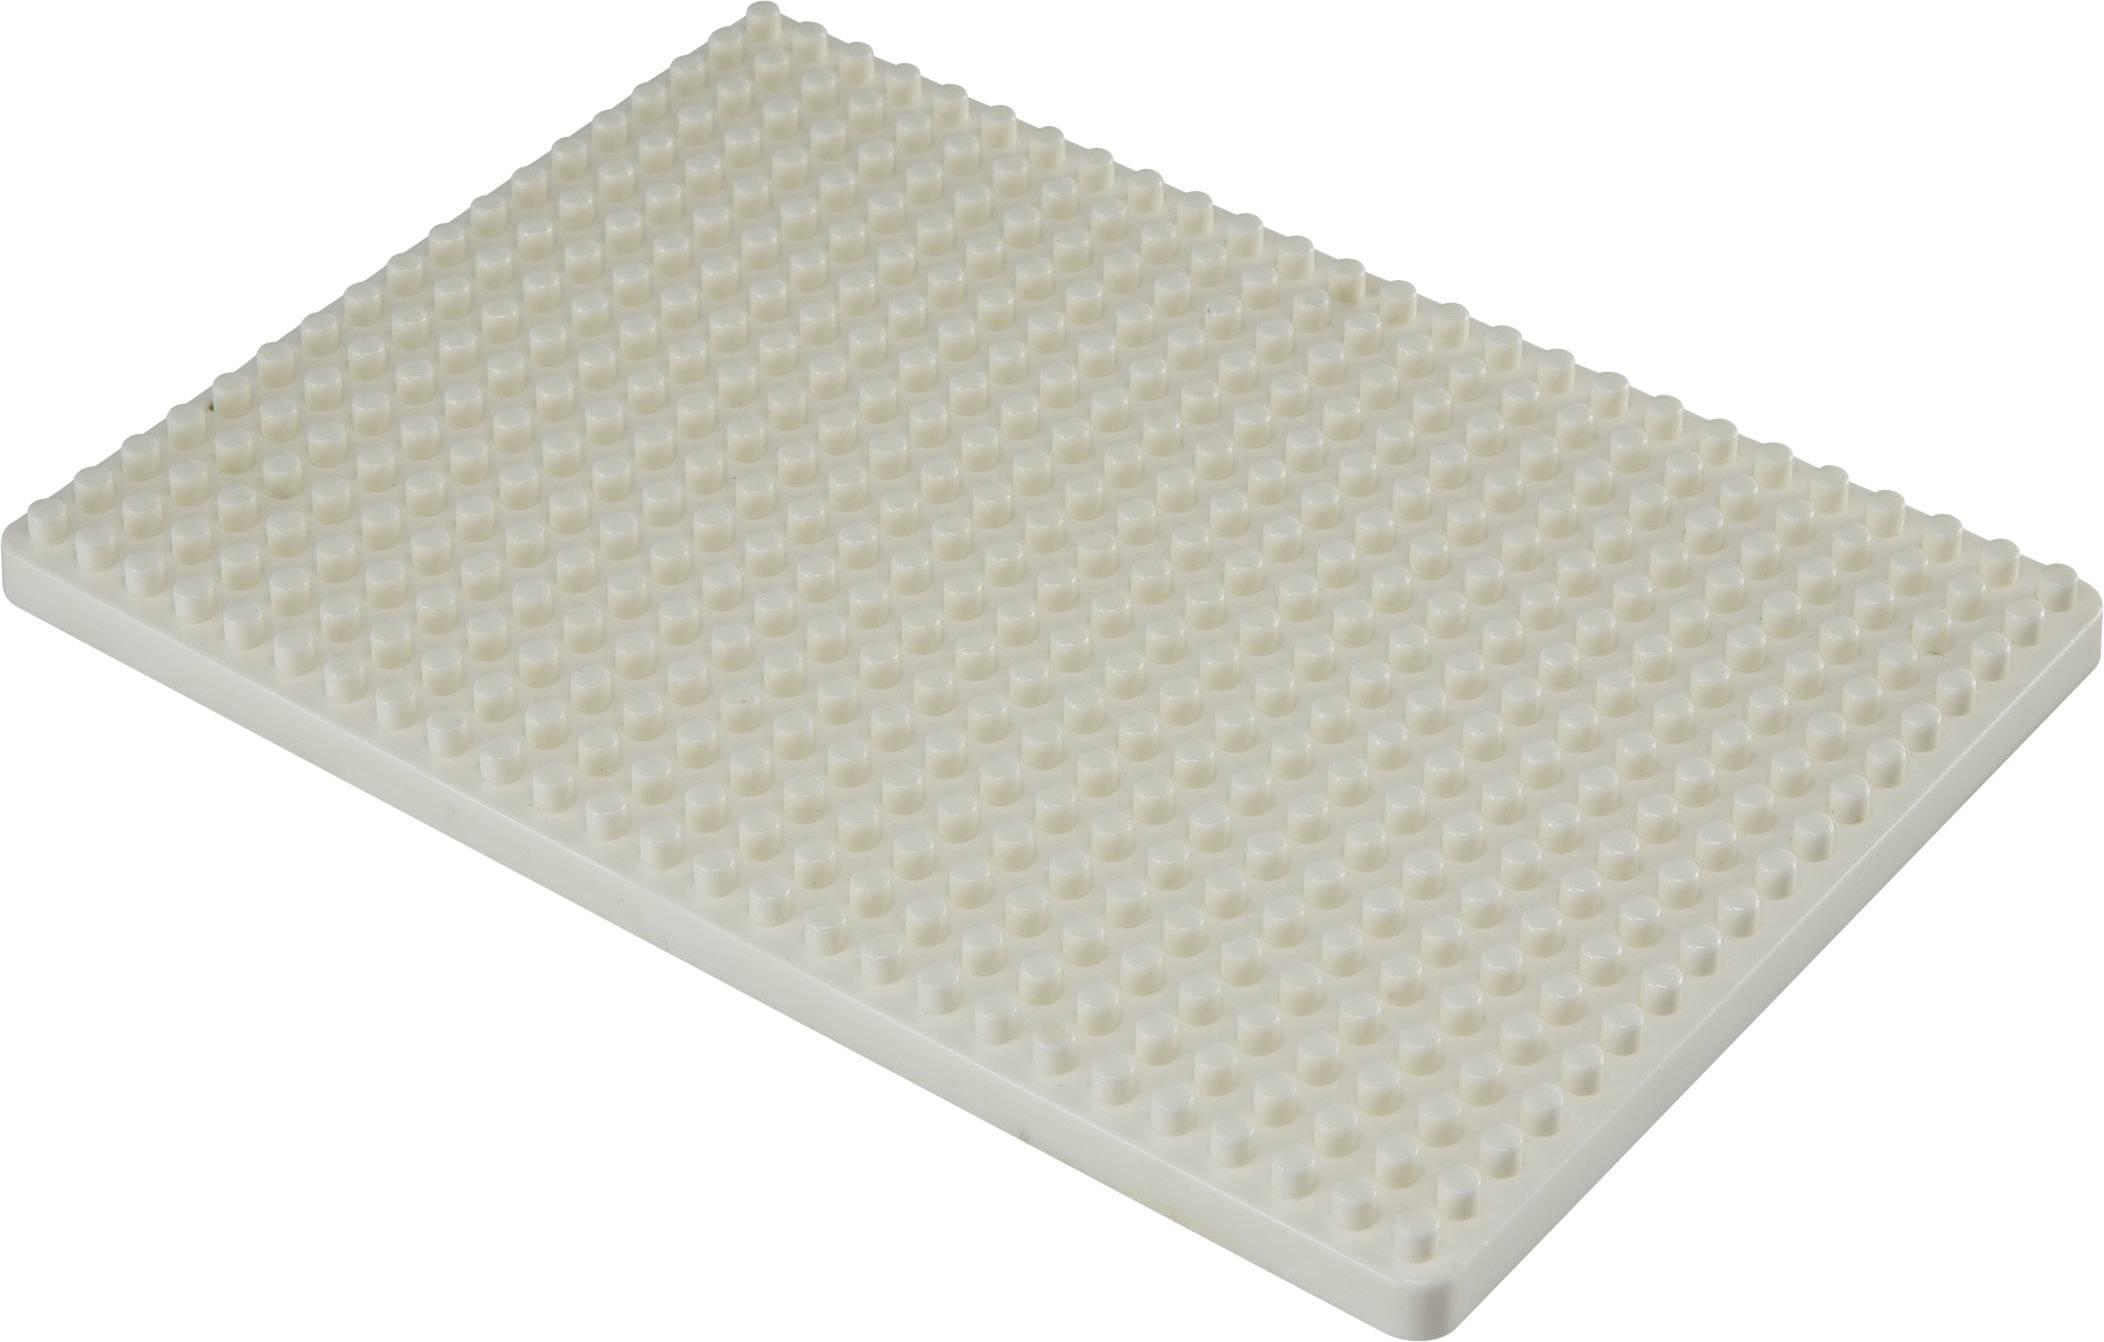 Montážní deska pro nepájivé kontaktní pole Conrad Components bílá, Počet pólů 468, (d x š) 132 mm x 92 mm, 1 ks